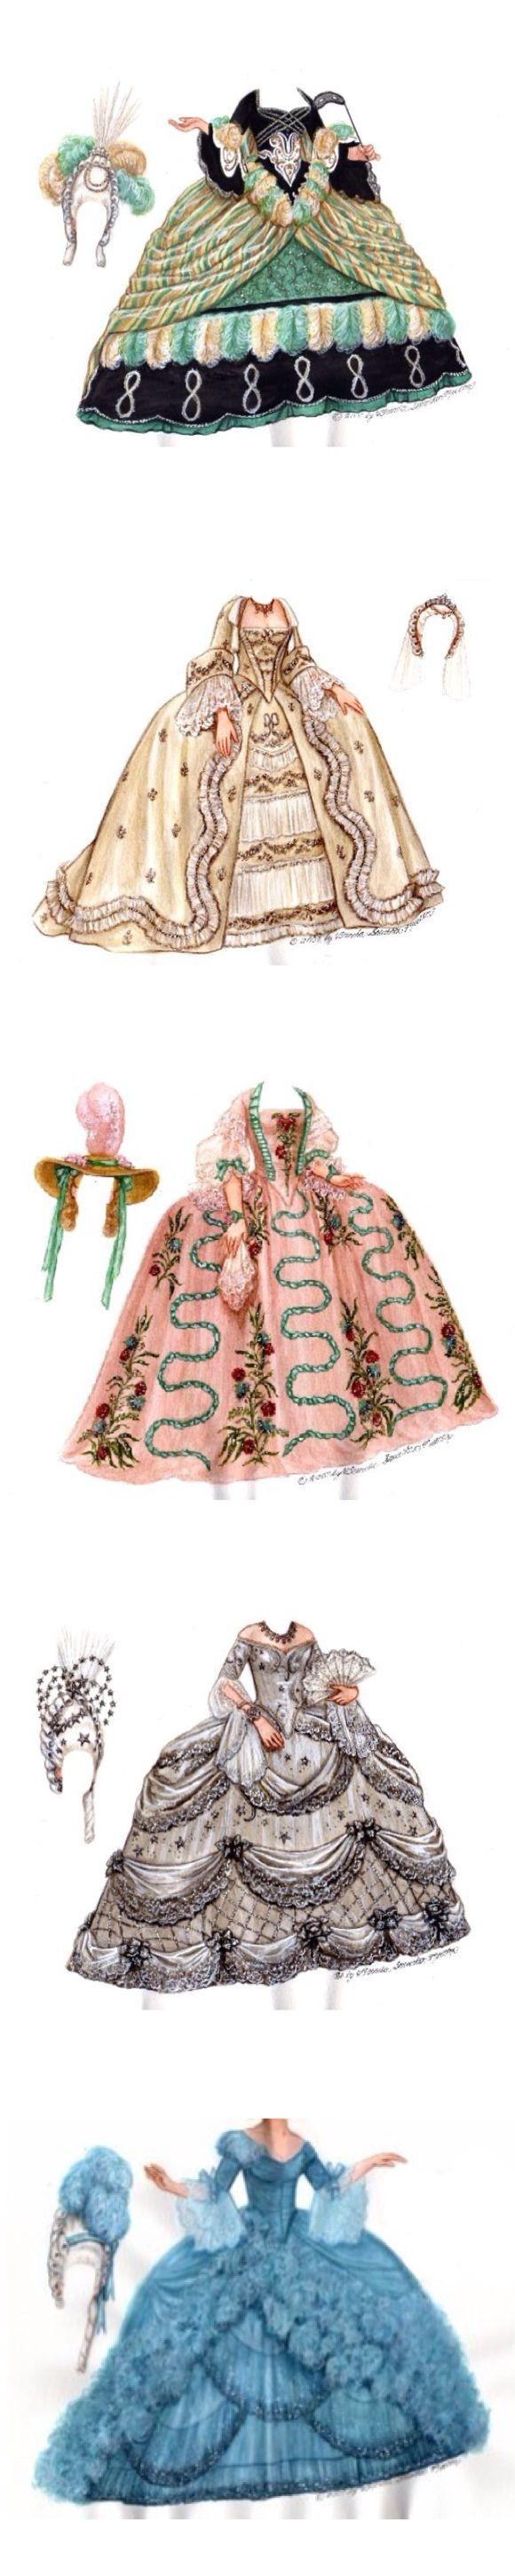 Dresses from the film Marie Antoinette 1938